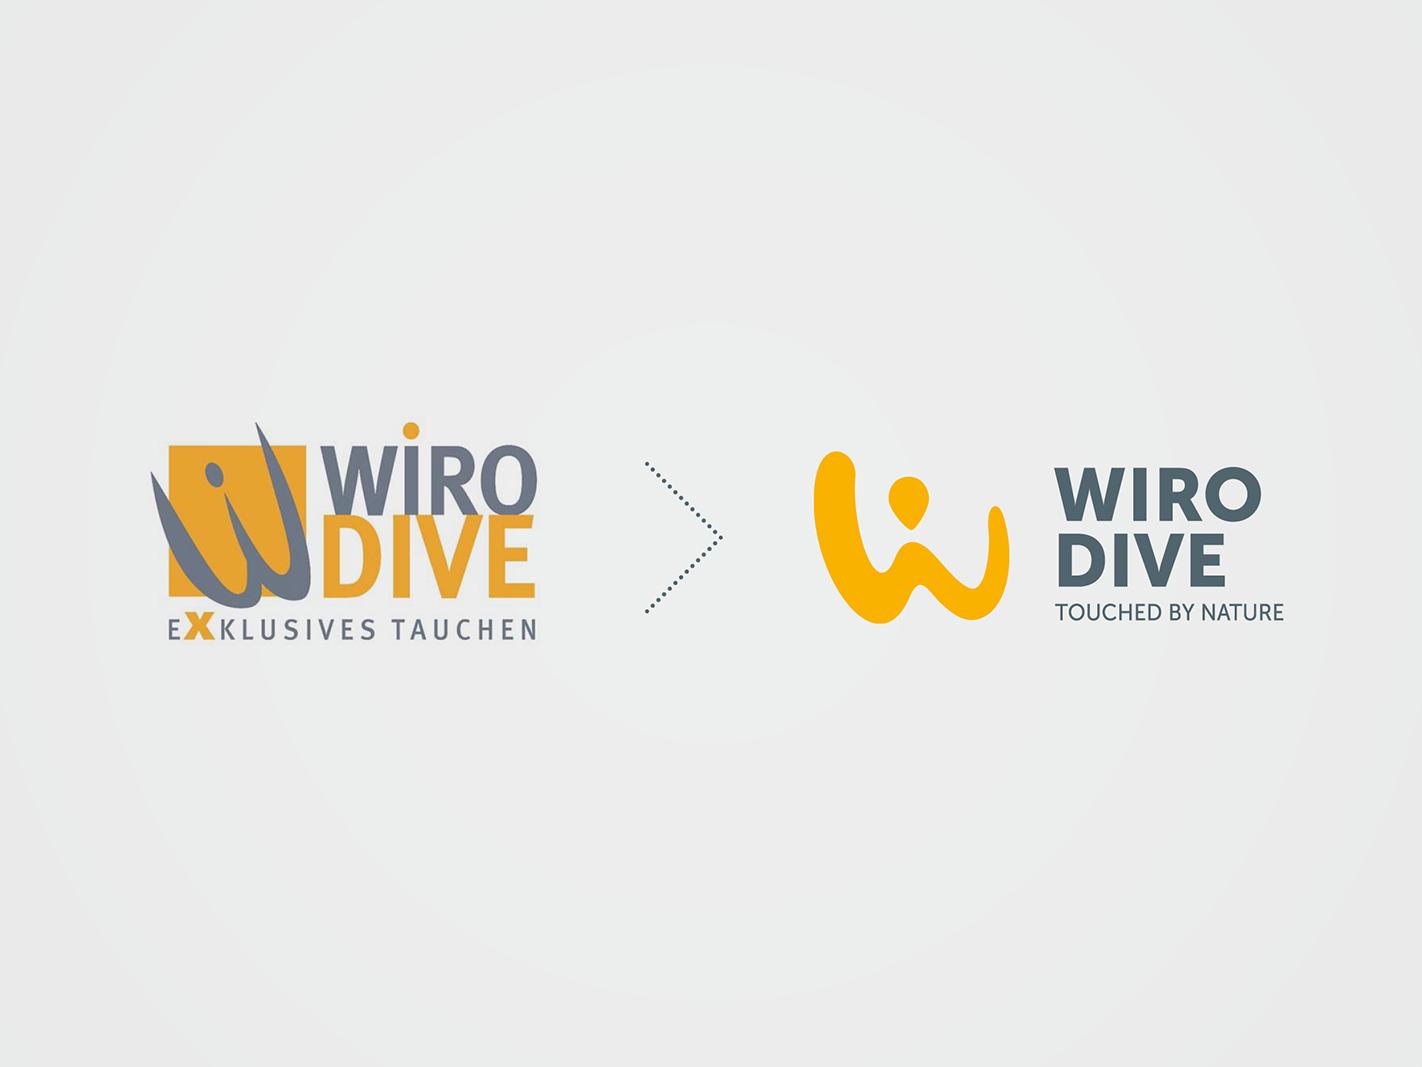 ATK-WIRO-DIVE-Tauchen-Reisen-Corporate-Design-2.jpg